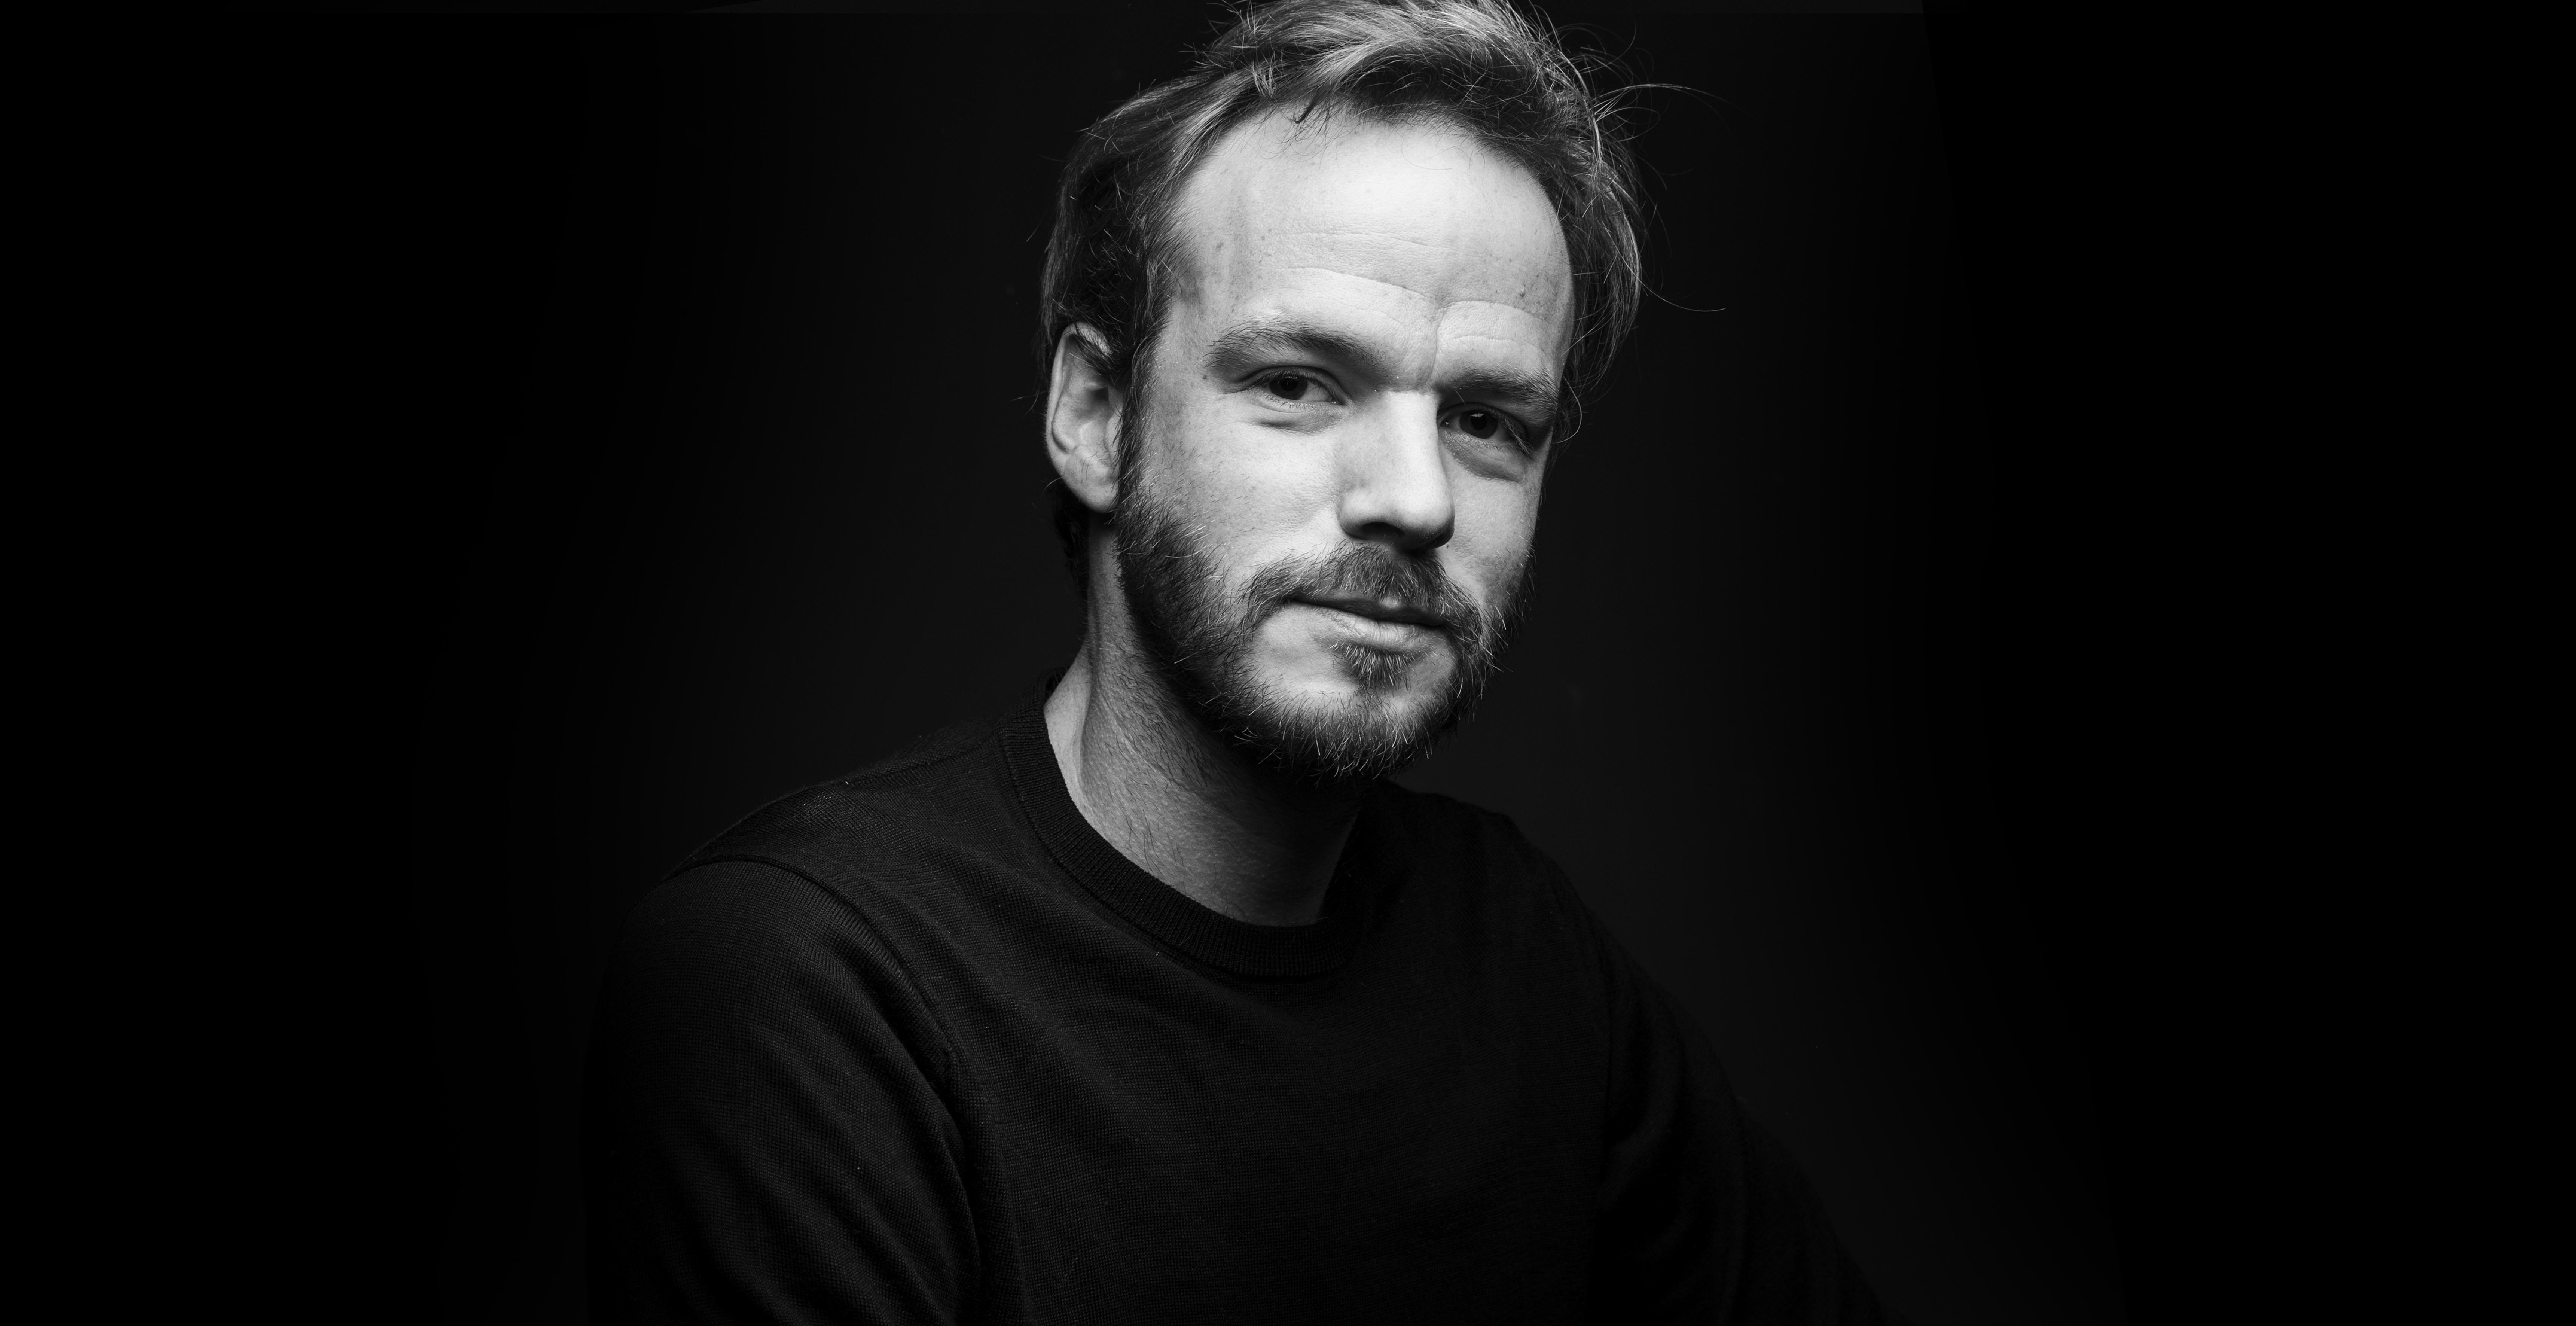 Alex Kouchner